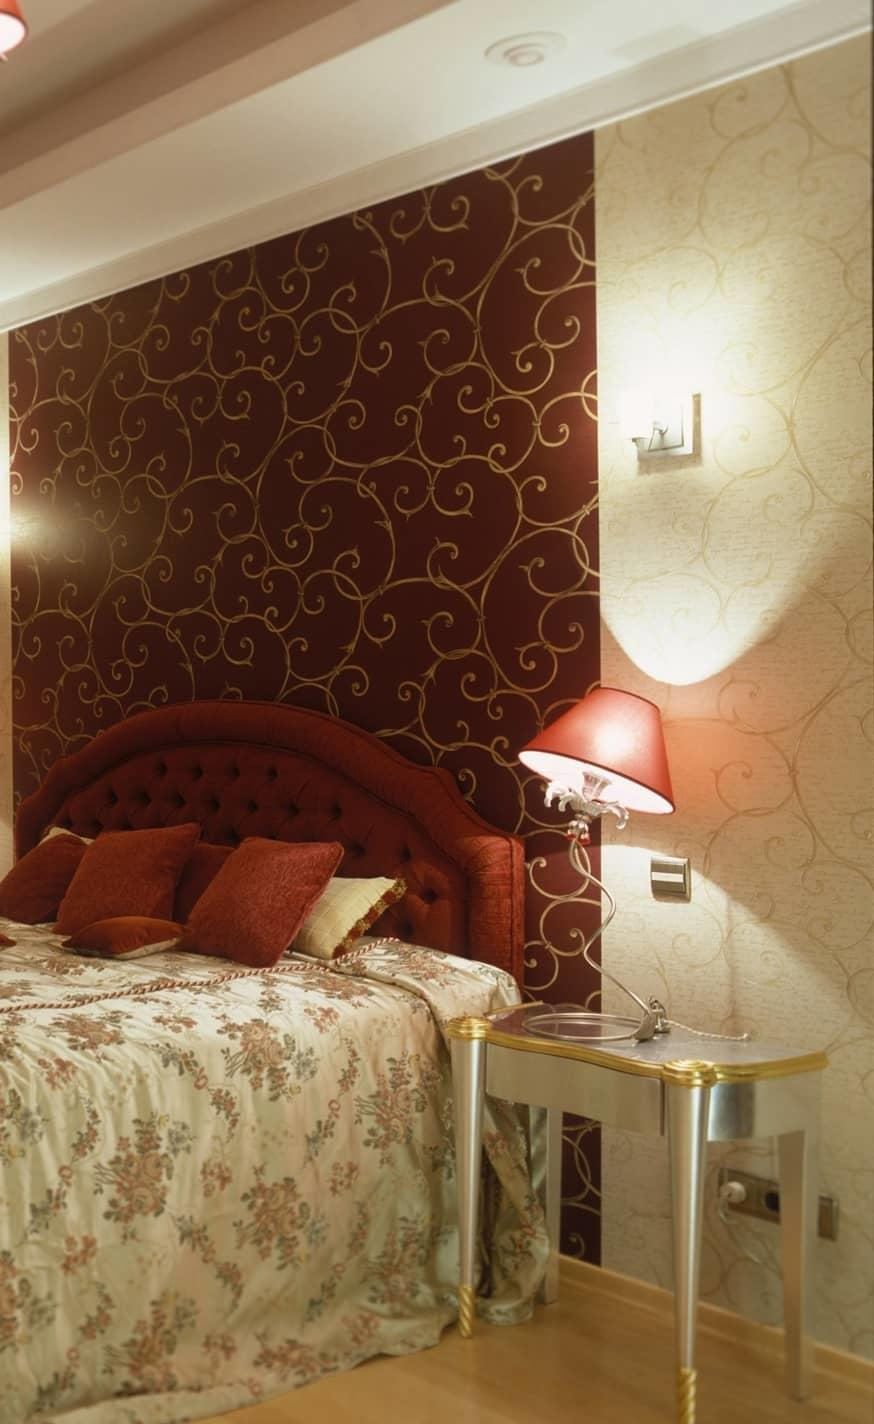 С помощью панно из обоев в спальне можно обозначить спальную зону, главное — выбрать правильное сочетание цветов